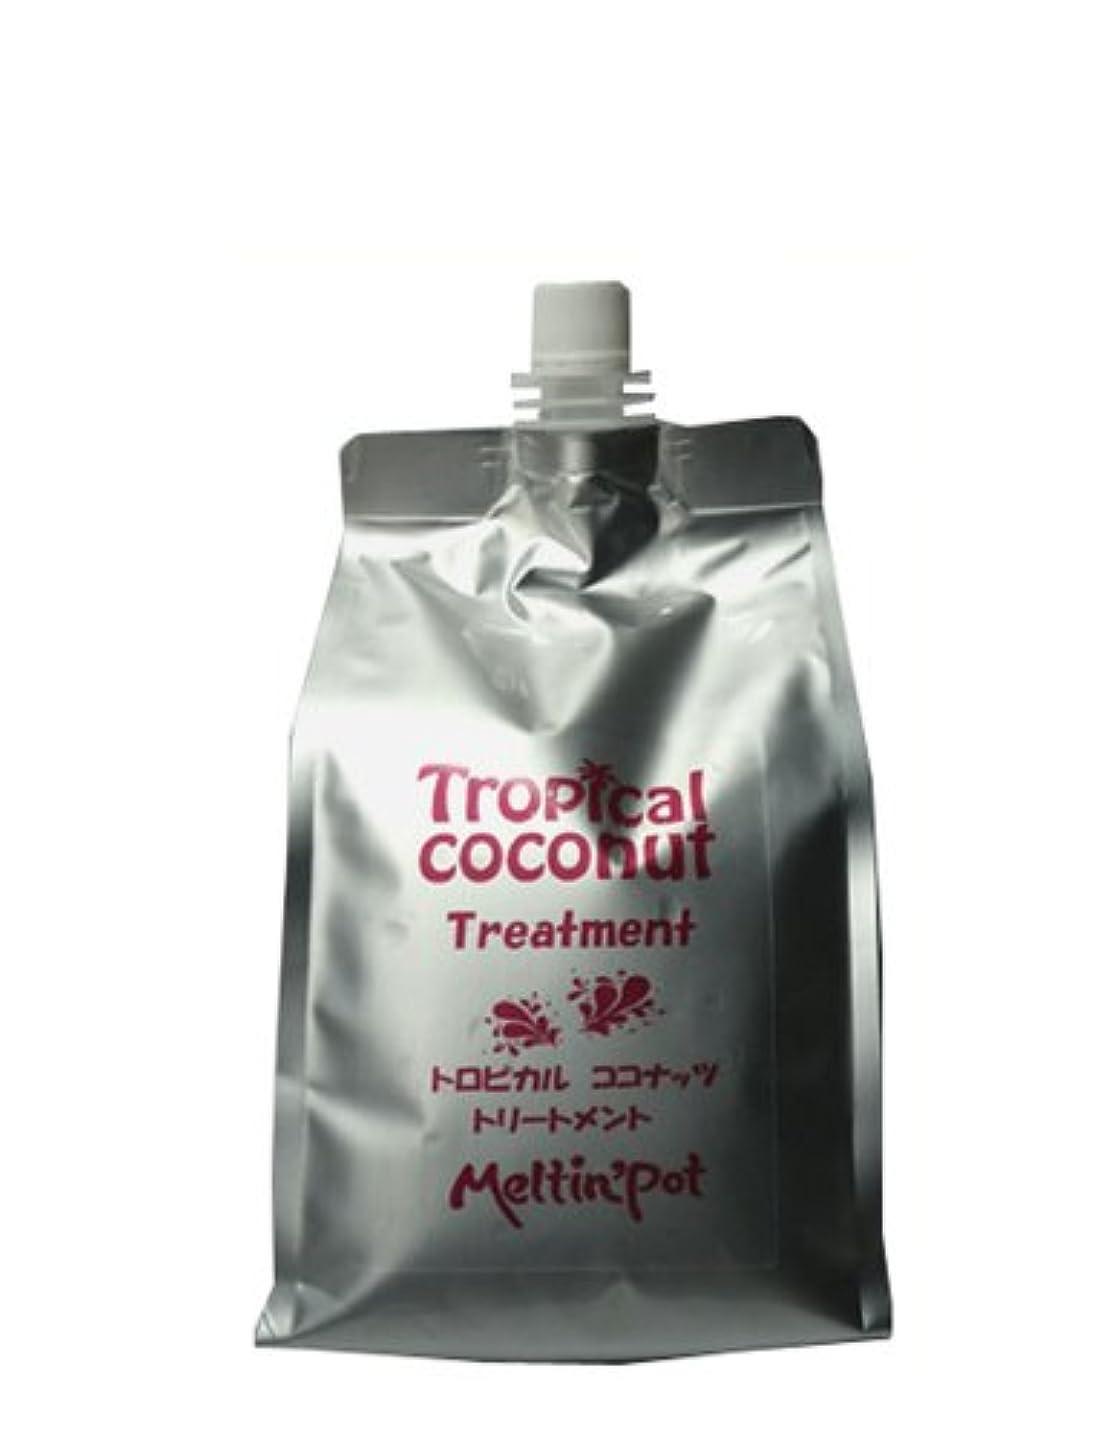 かみそりスモッグシャープトロピカルココナッツ トリートメント 詰め替え 1000ml  Tropical coconut treatment